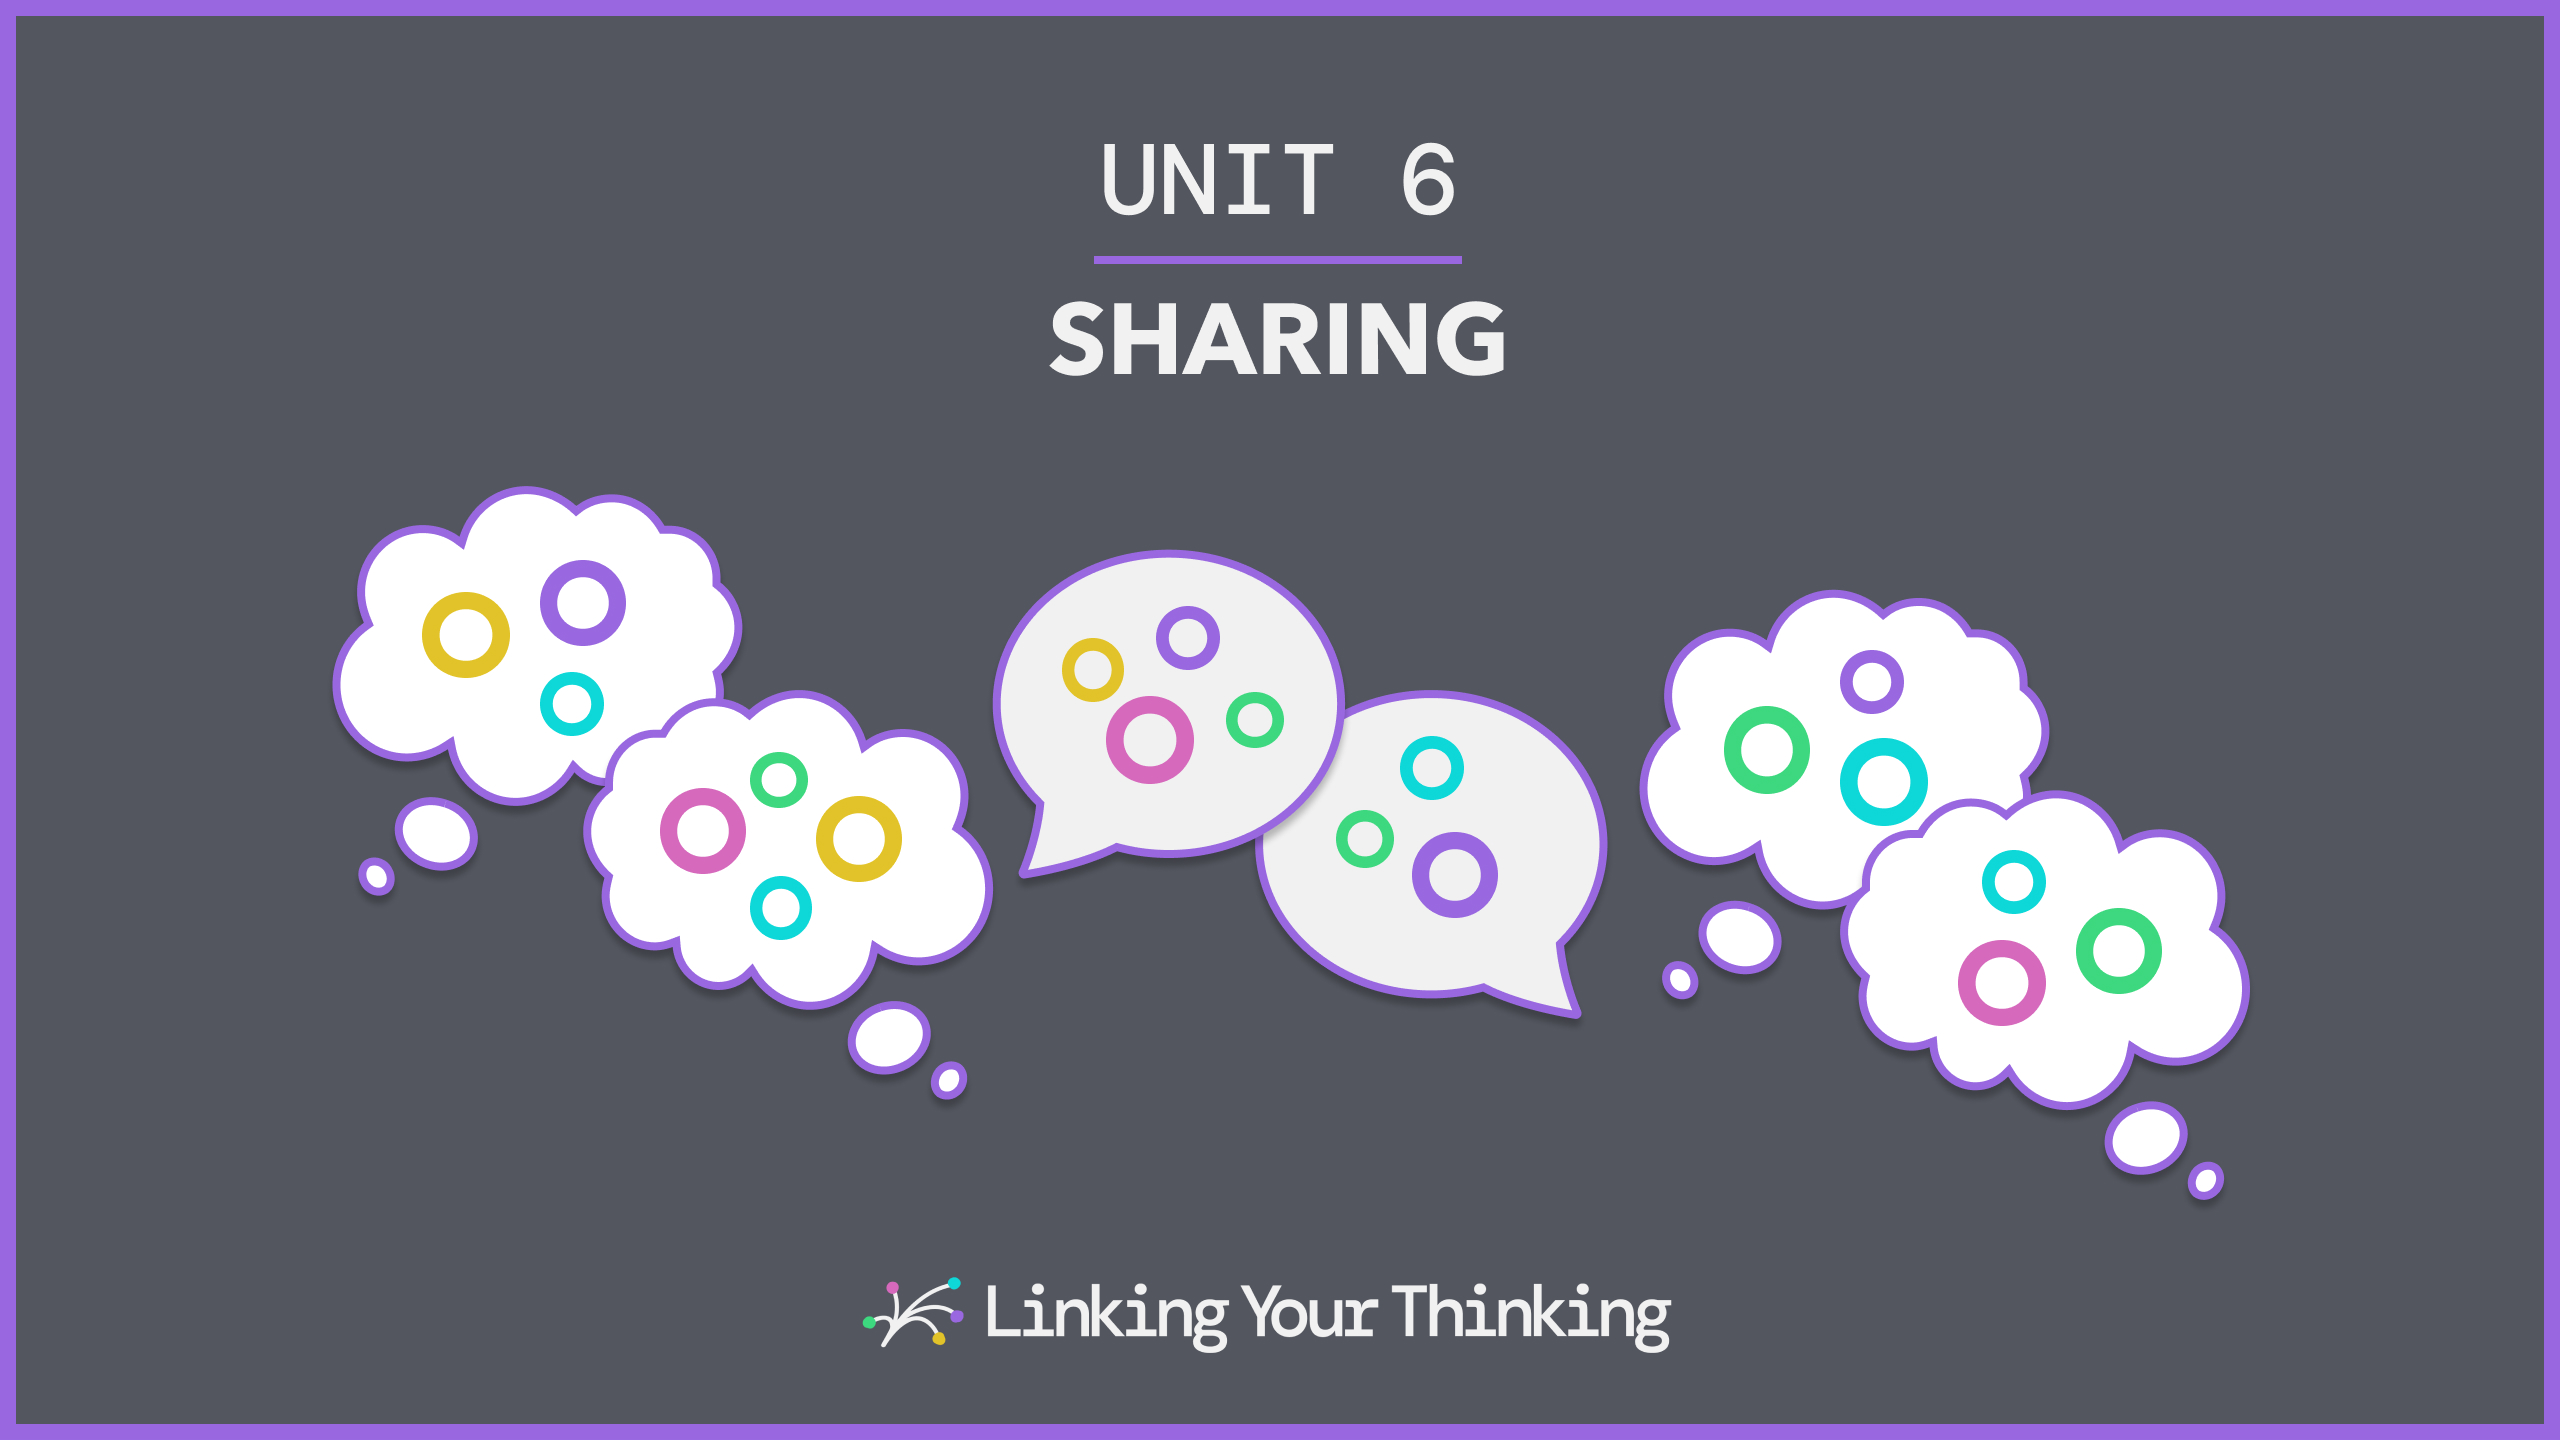 LYT Workshop - Unit 6 image